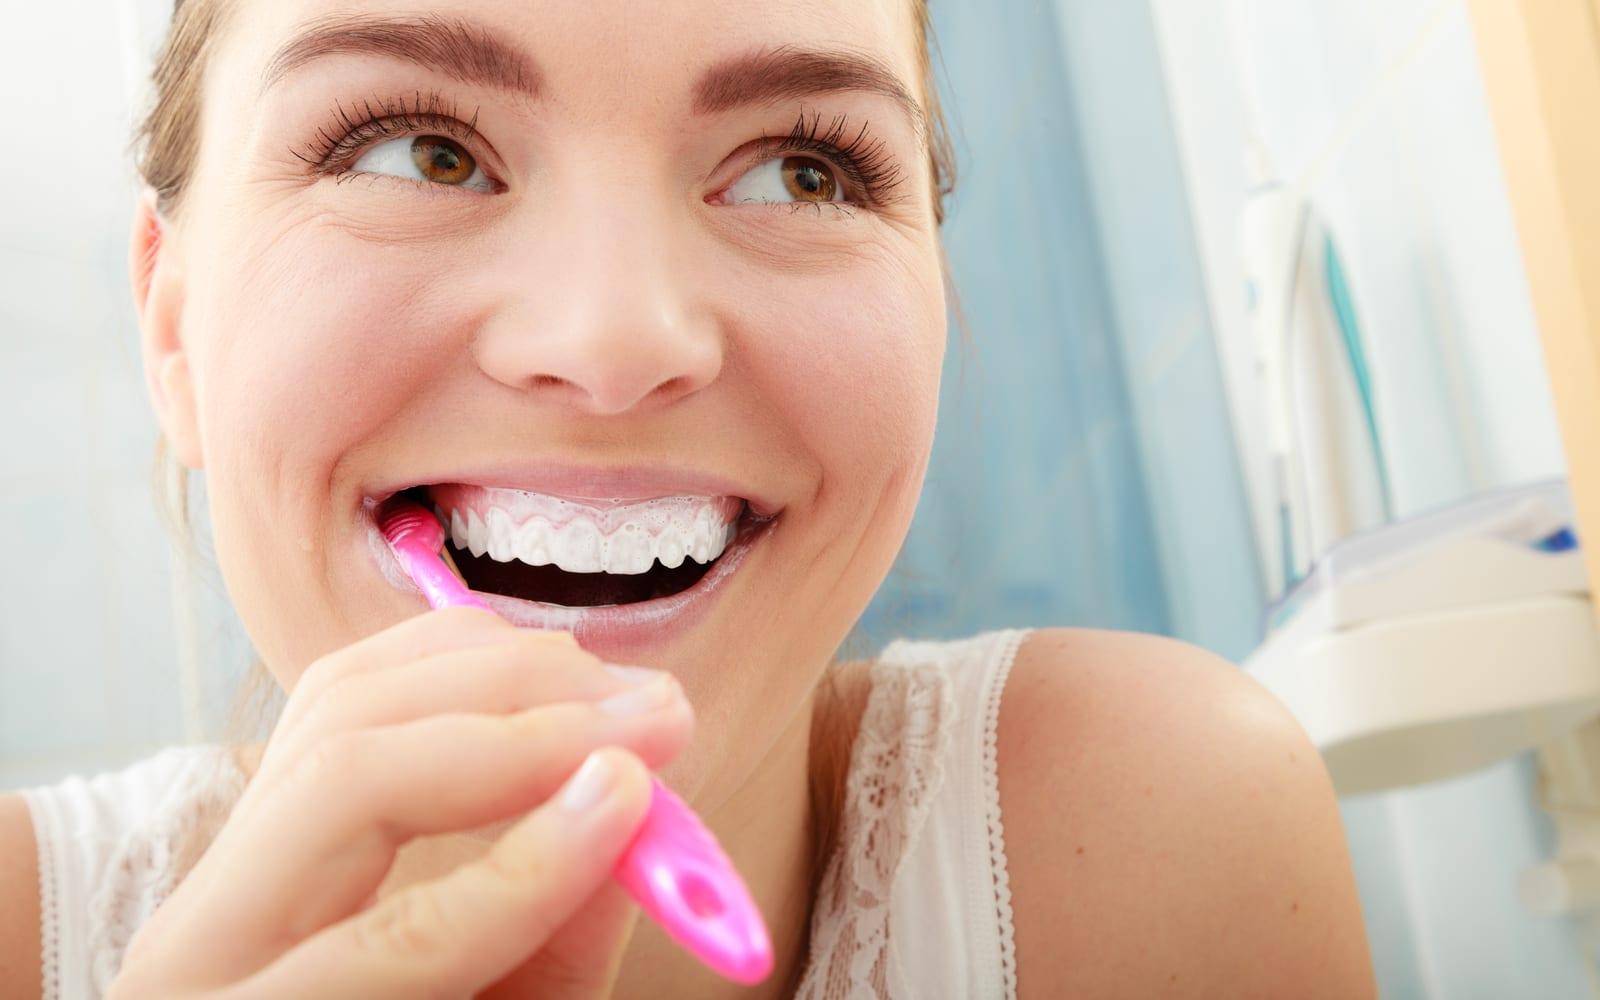 Woman smiling while brushing